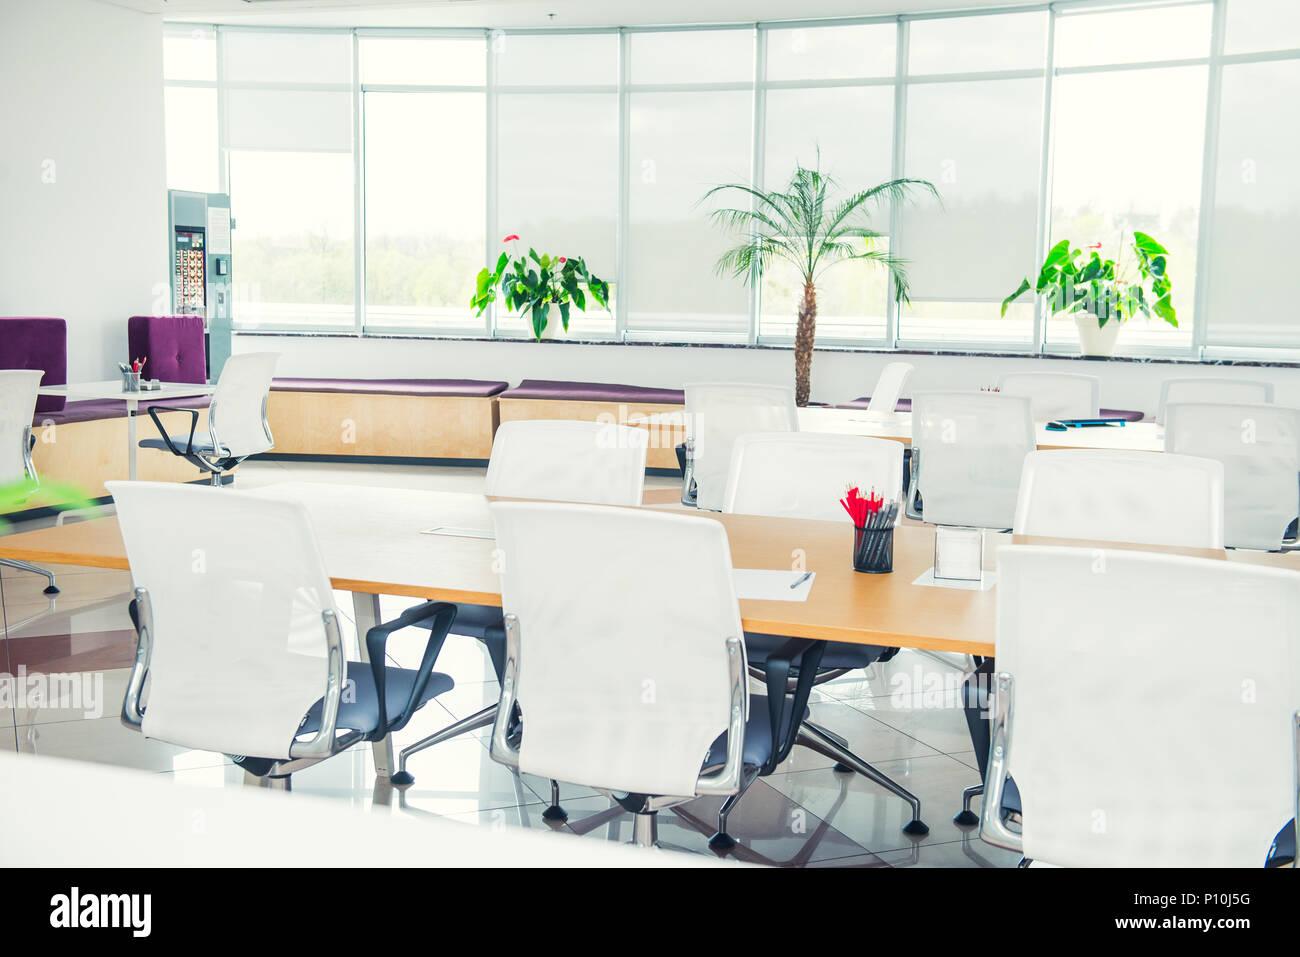 innenraum der modernen licht leer open space office mit gro en fenstern tisch schreibtische. Black Bedroom Furniture Sets. Home Design Ideas